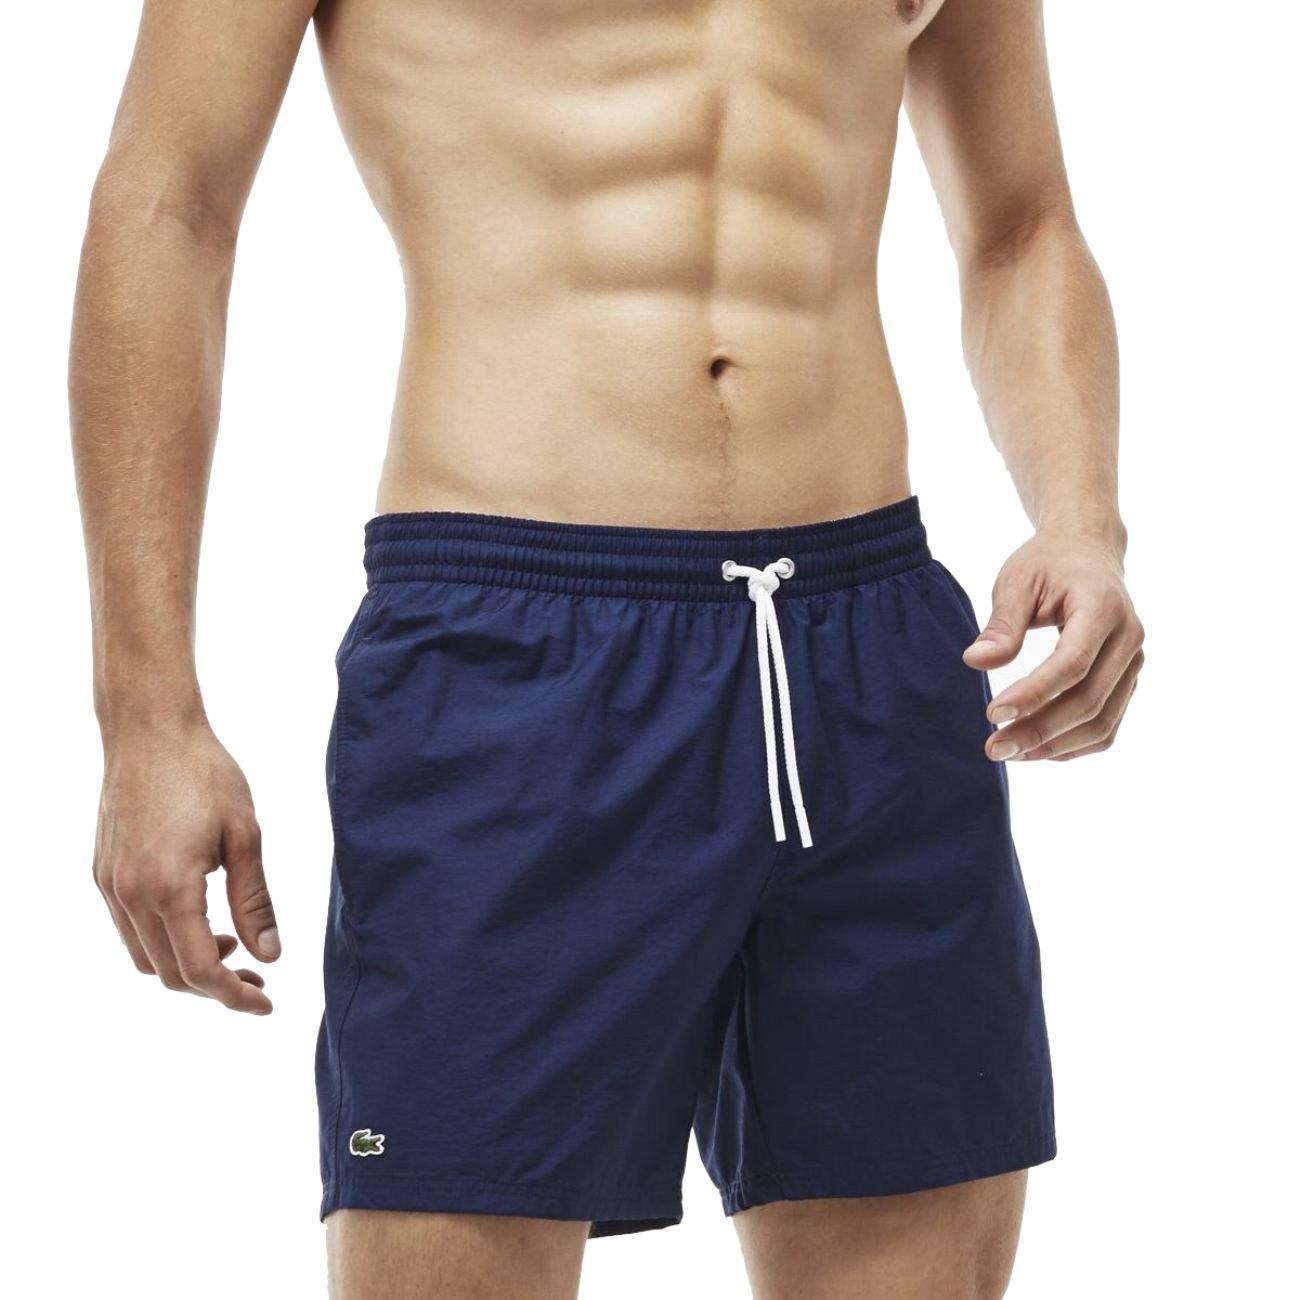 Lacoste costume pantaloncini da bagno costumi da bagno - Costumi da bagno uomo extra large ...